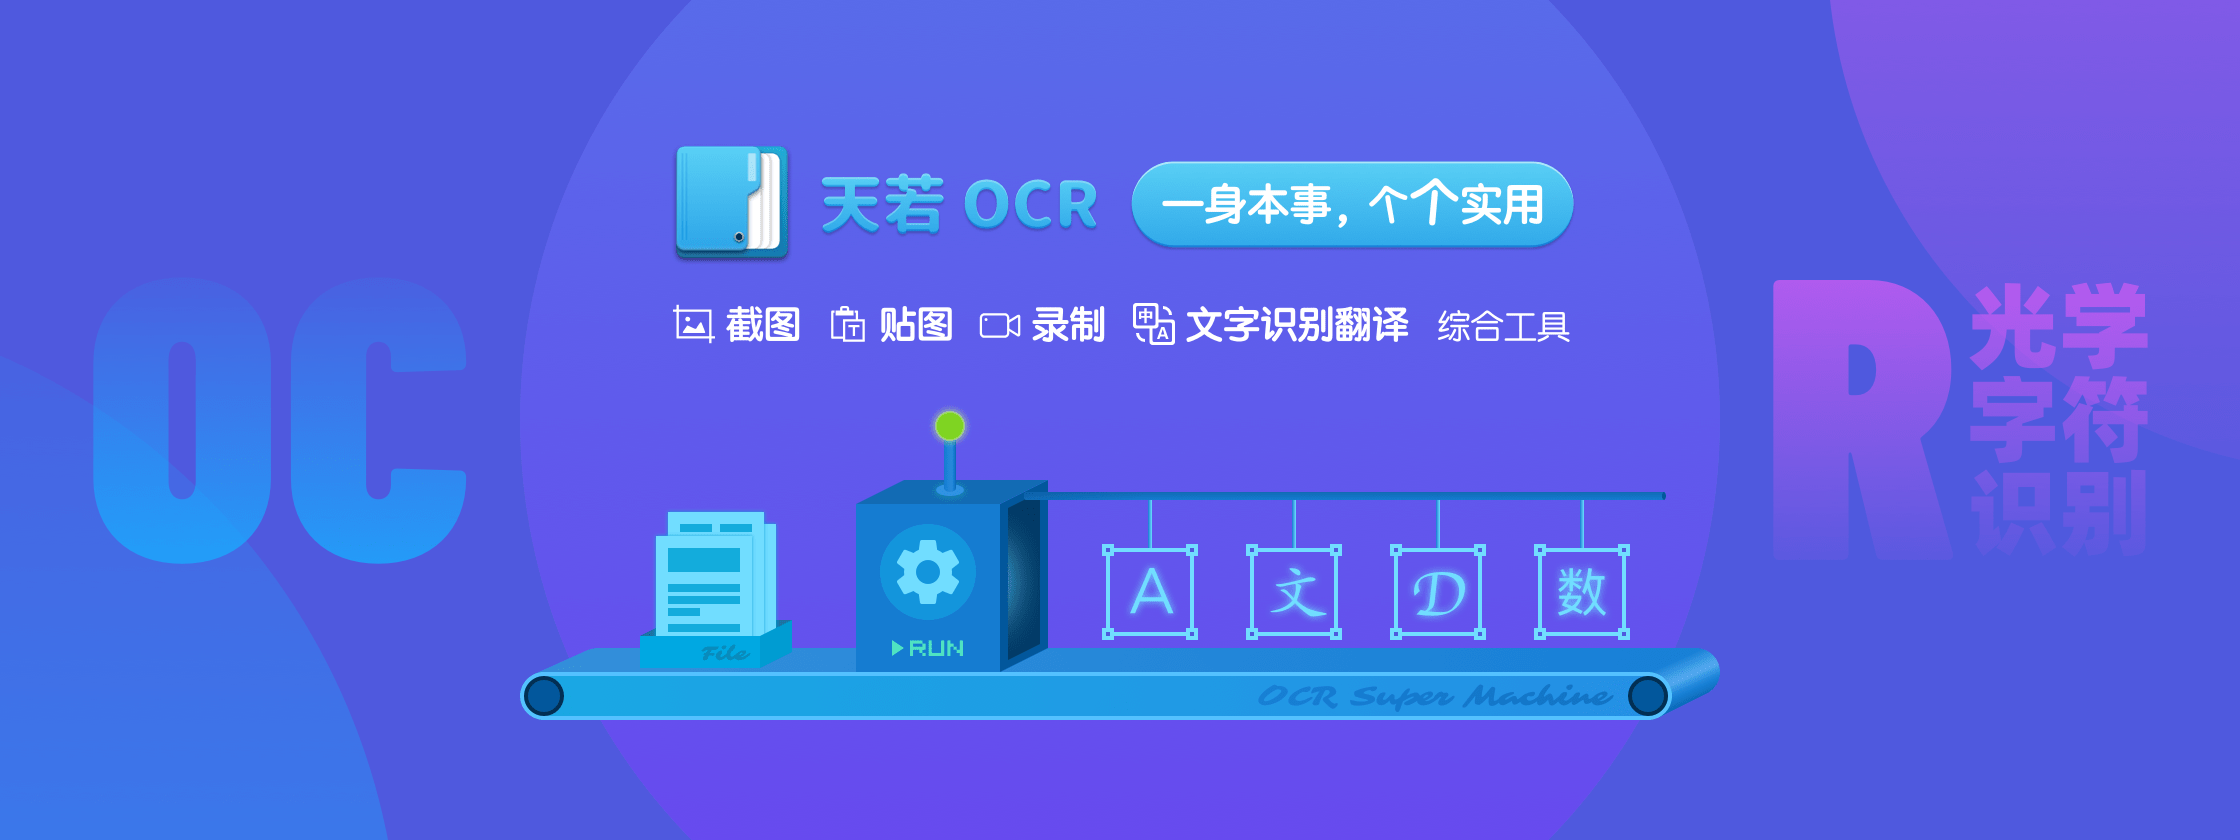 天若 OCR – 截图贴图、图片转文字工具